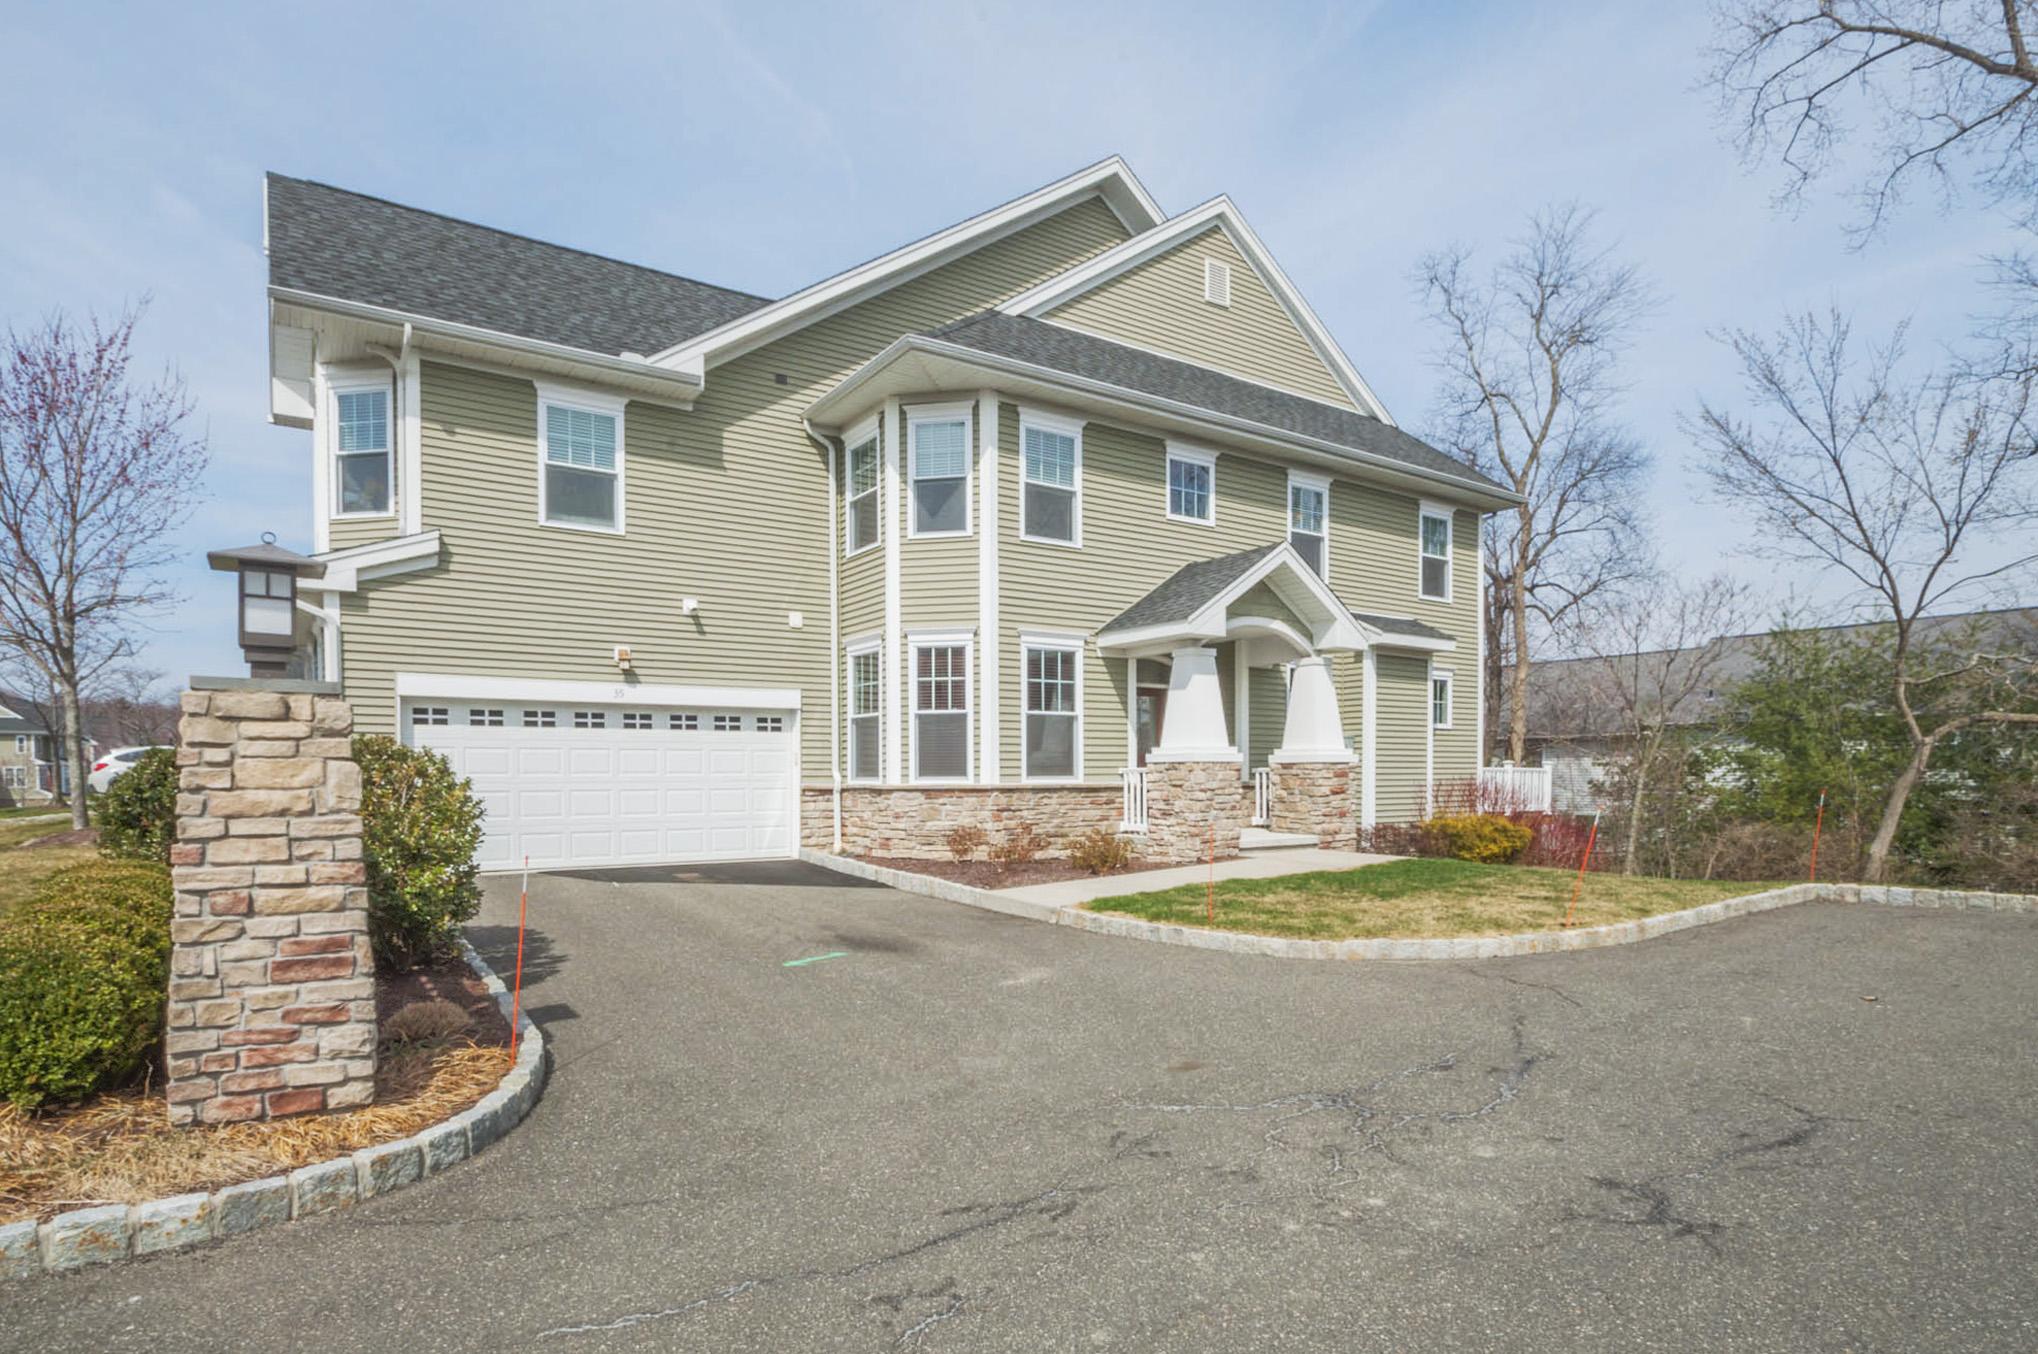 Stadthaus für Verkauf beim Luxury Townhouse 35 Tucker Street 35 Danbury, Connecticut, 06810 Vereinigte Staaten